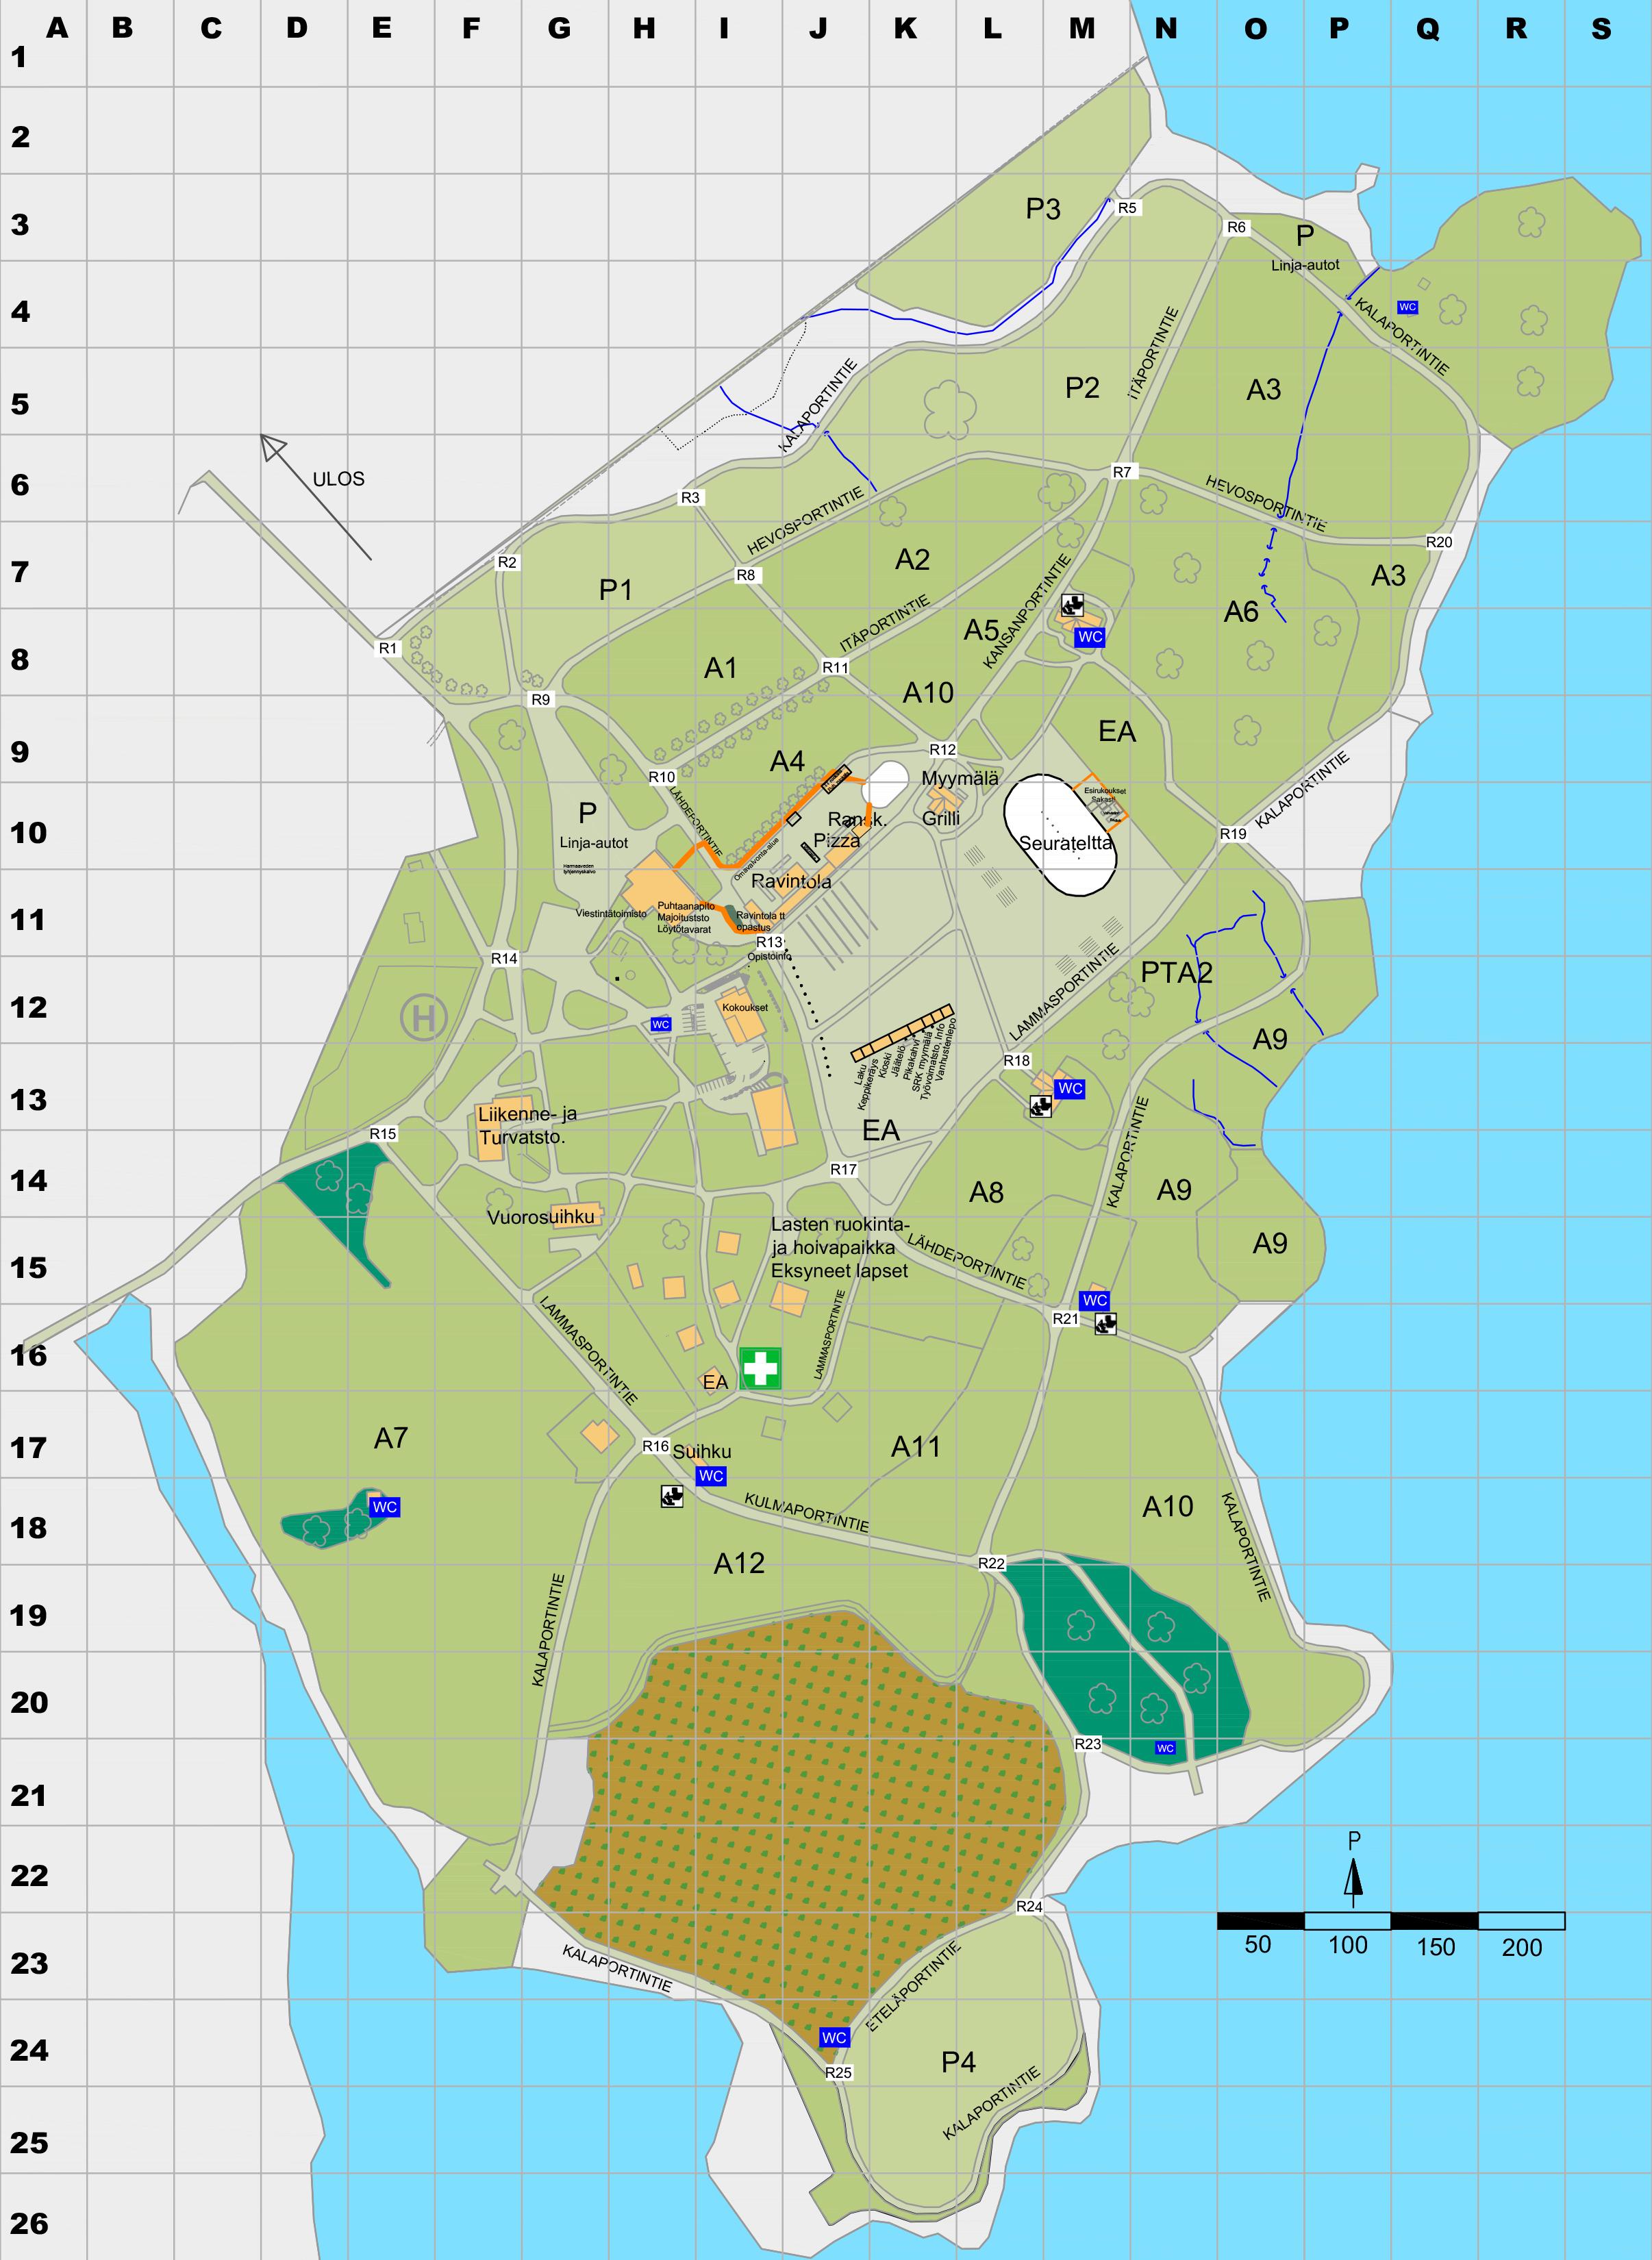 Kartat Jamsan Opistoseurat